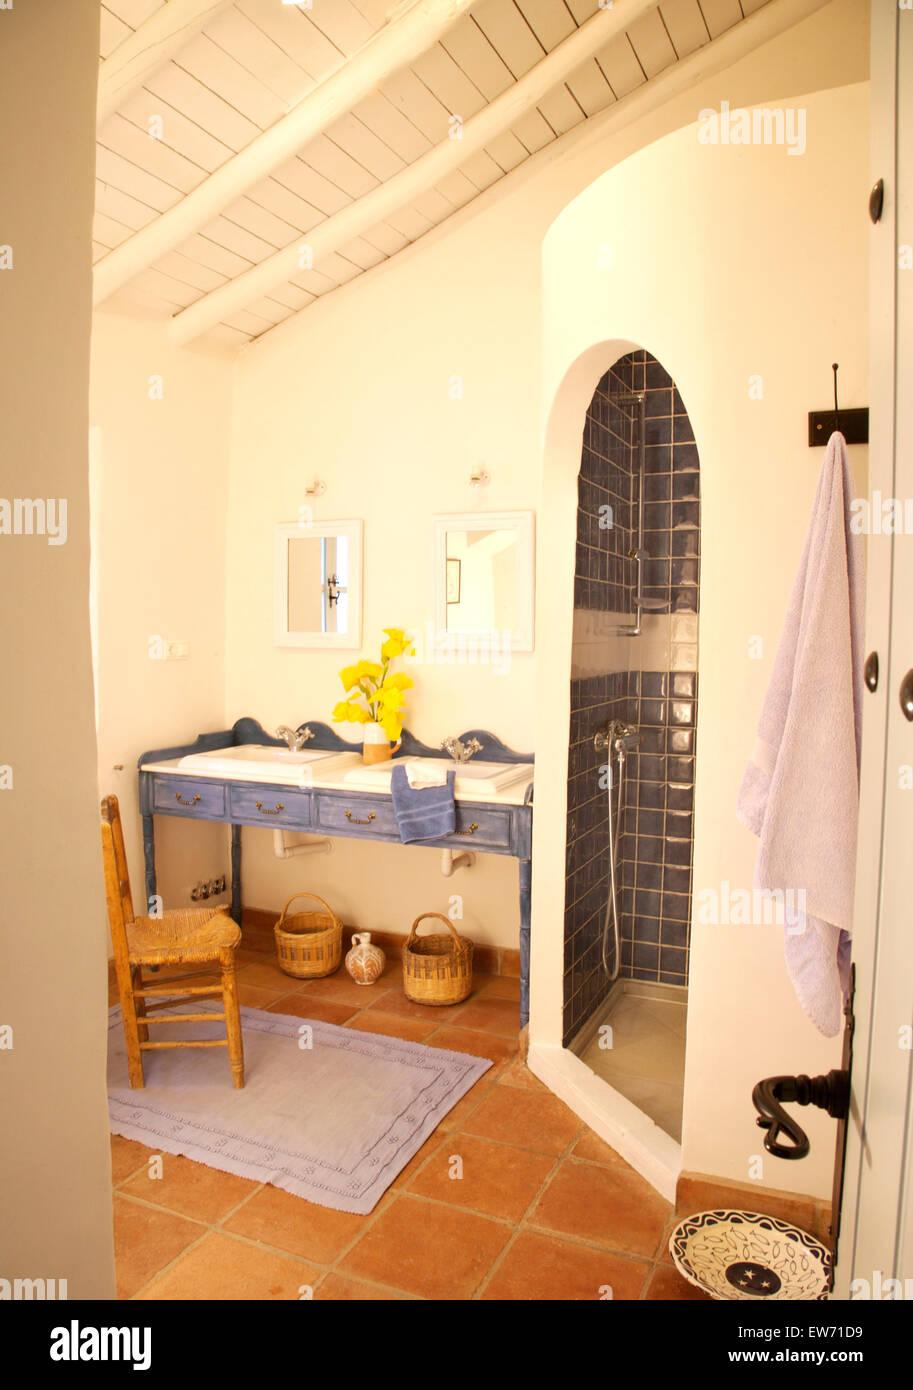 Adobe curva doccia in stile rustico in spagnolo bagno con vasche impostato nel blu dipinto di - Bagno in spagnolo ...